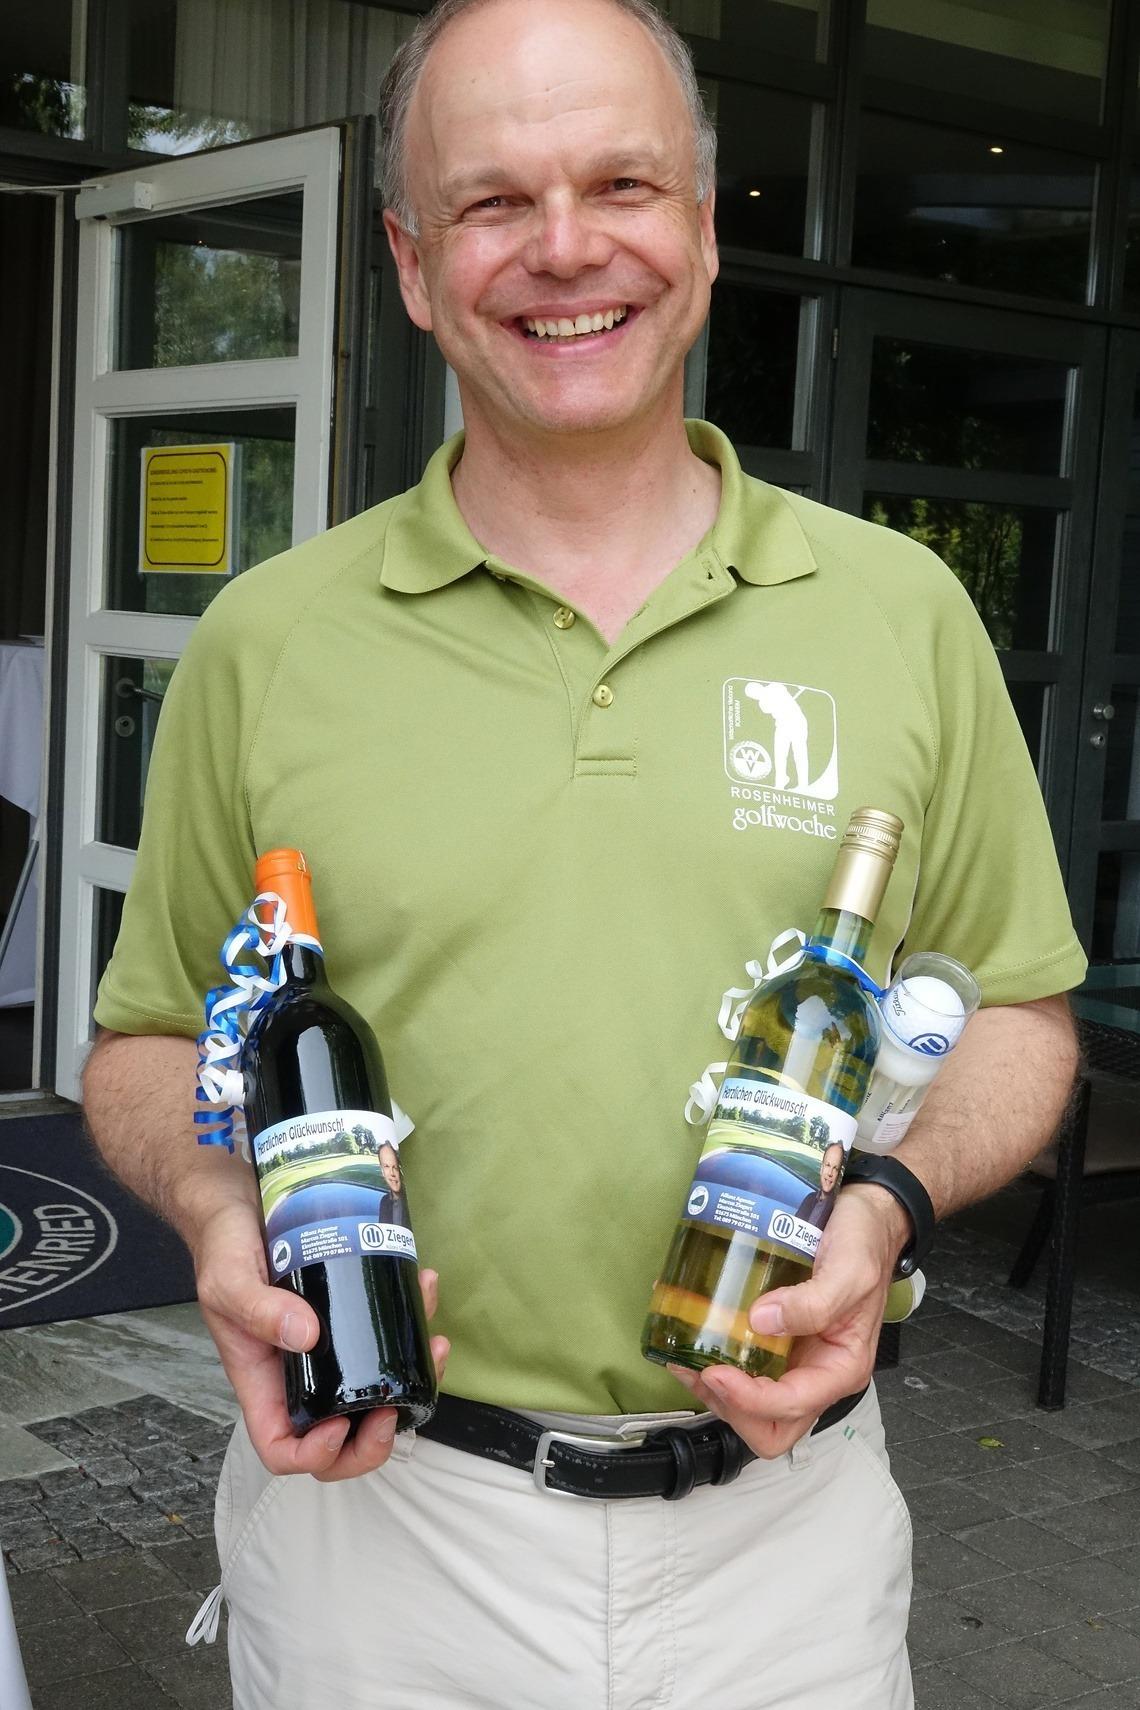 Allianz-Agentur-Inhaber Marcus Ziegert spendierte Weinflaschen als Sonderpreise.